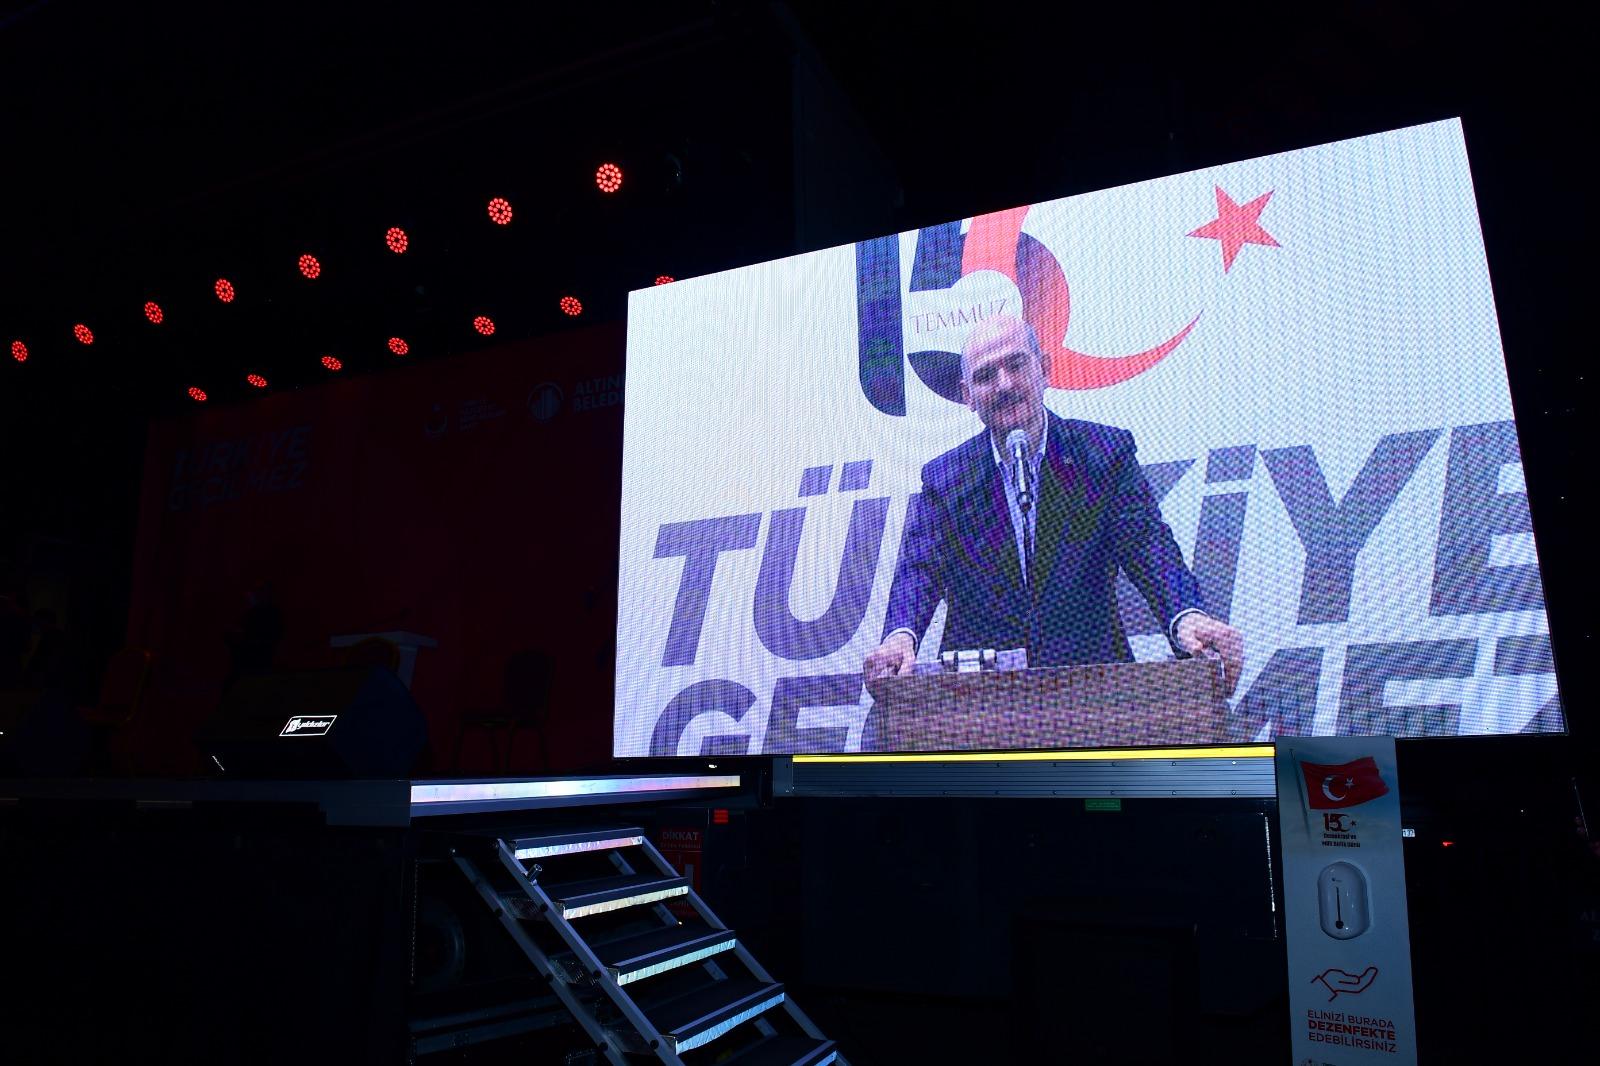 İçişleri Bakanı Sayın Süleyman Soylu'dan 15 Temmuz mesaj: Bir tane bile FETÖ'cü çer çöp bırakmayağız.